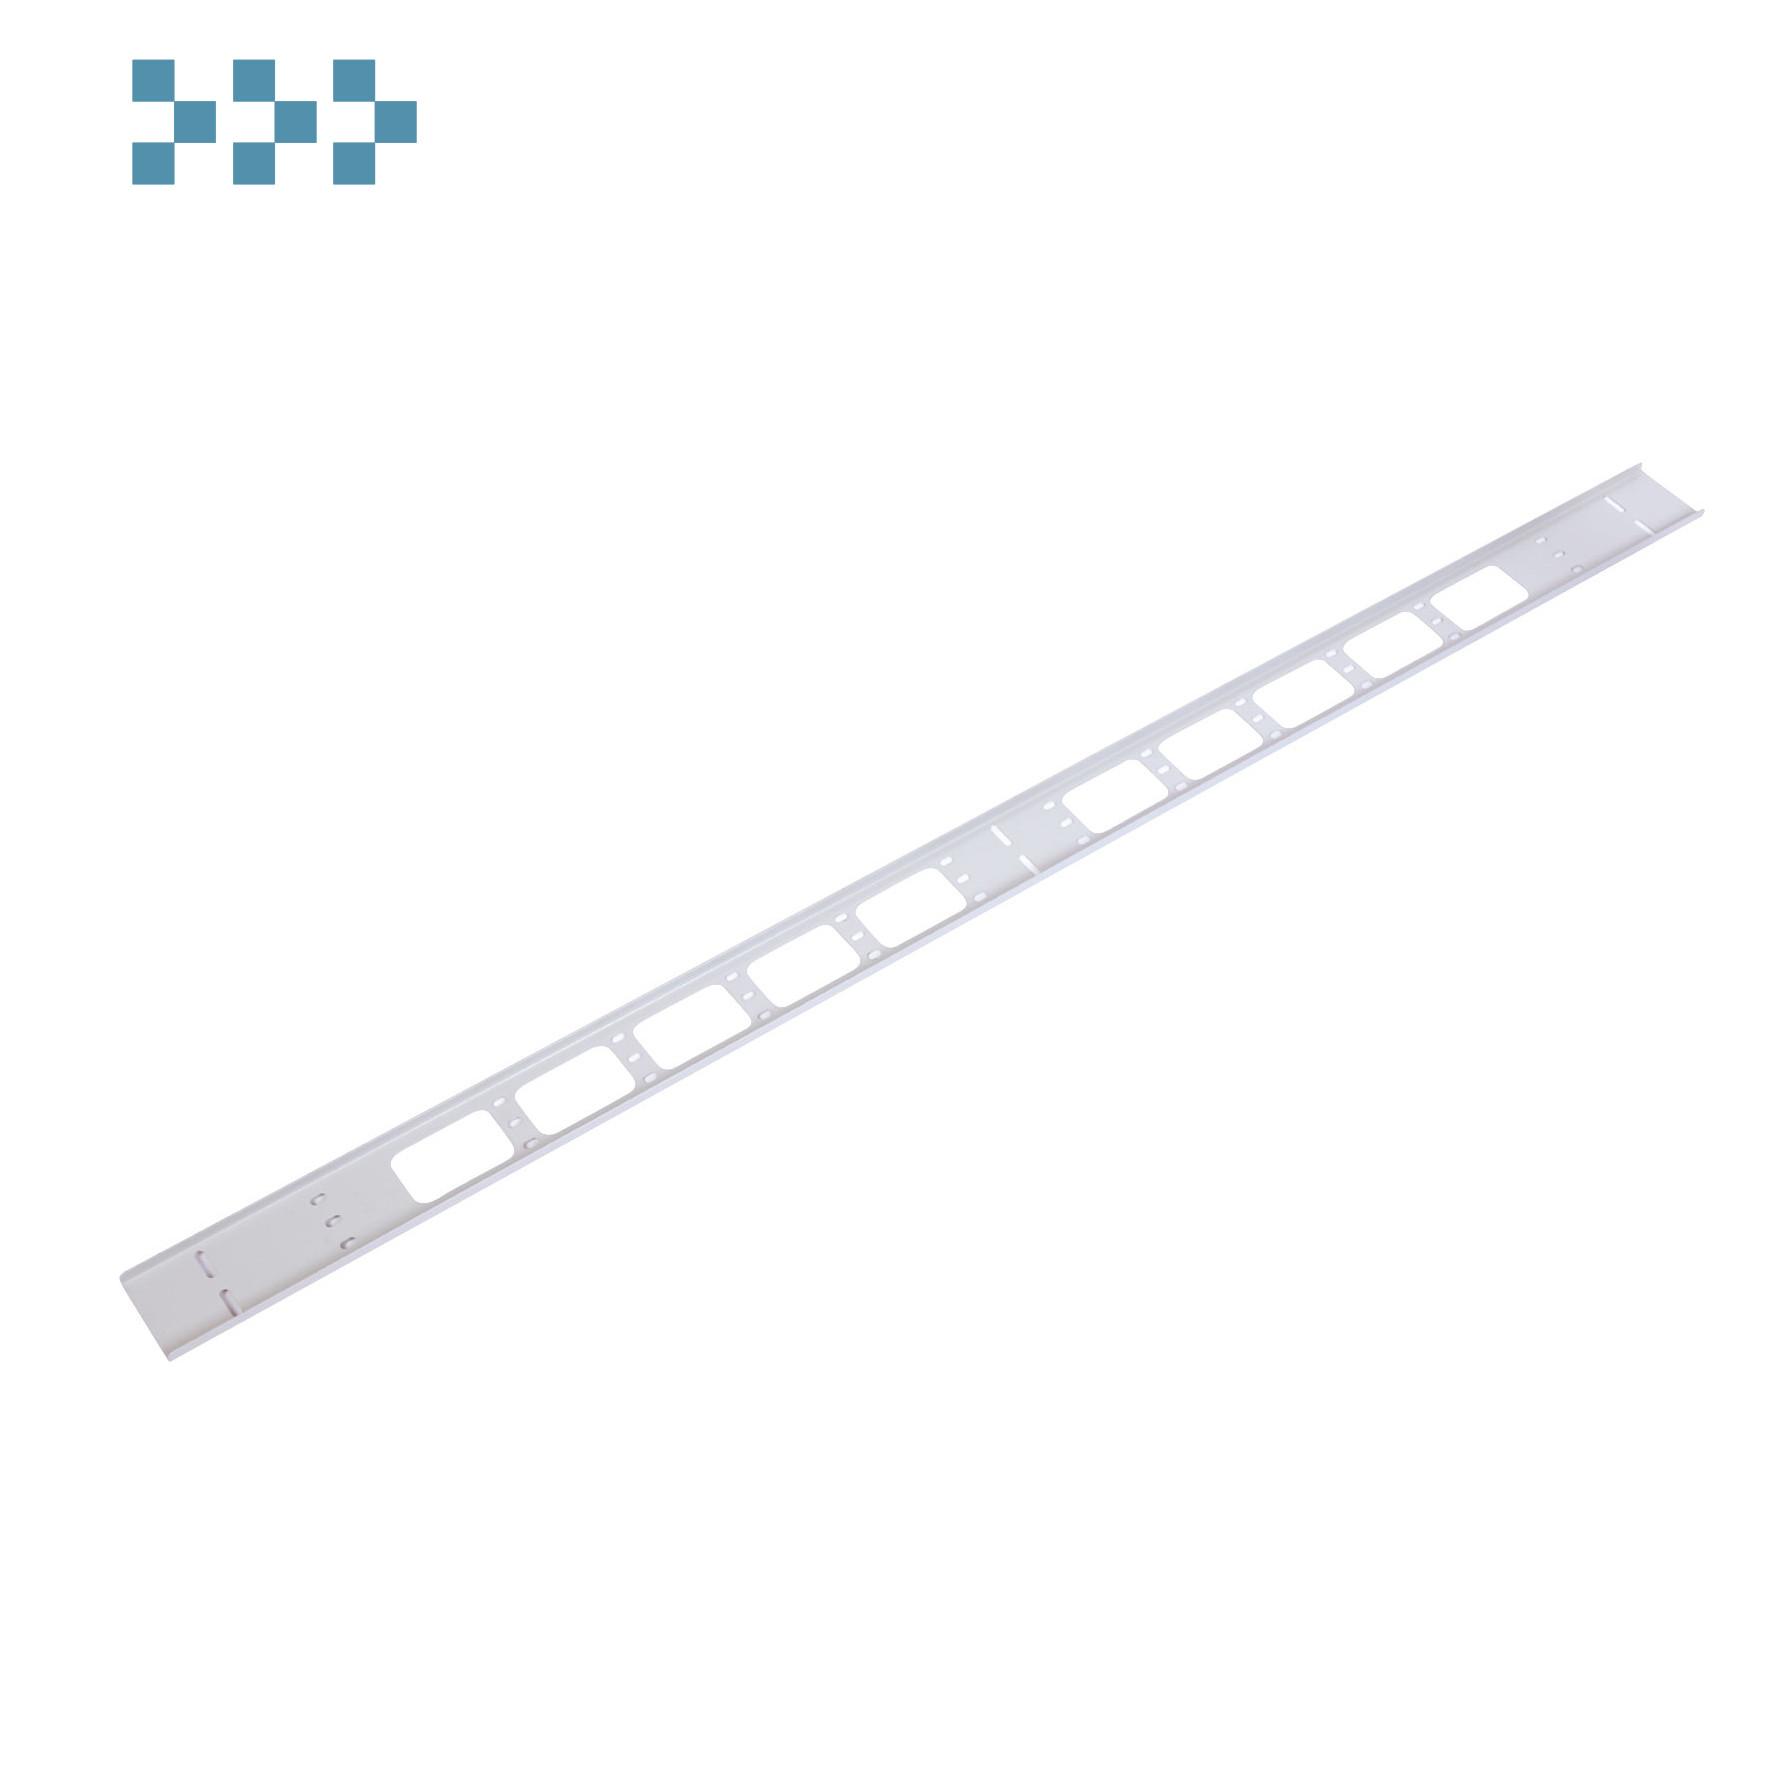 Органайзер кабельный ЦМО ВКО-М-22.75